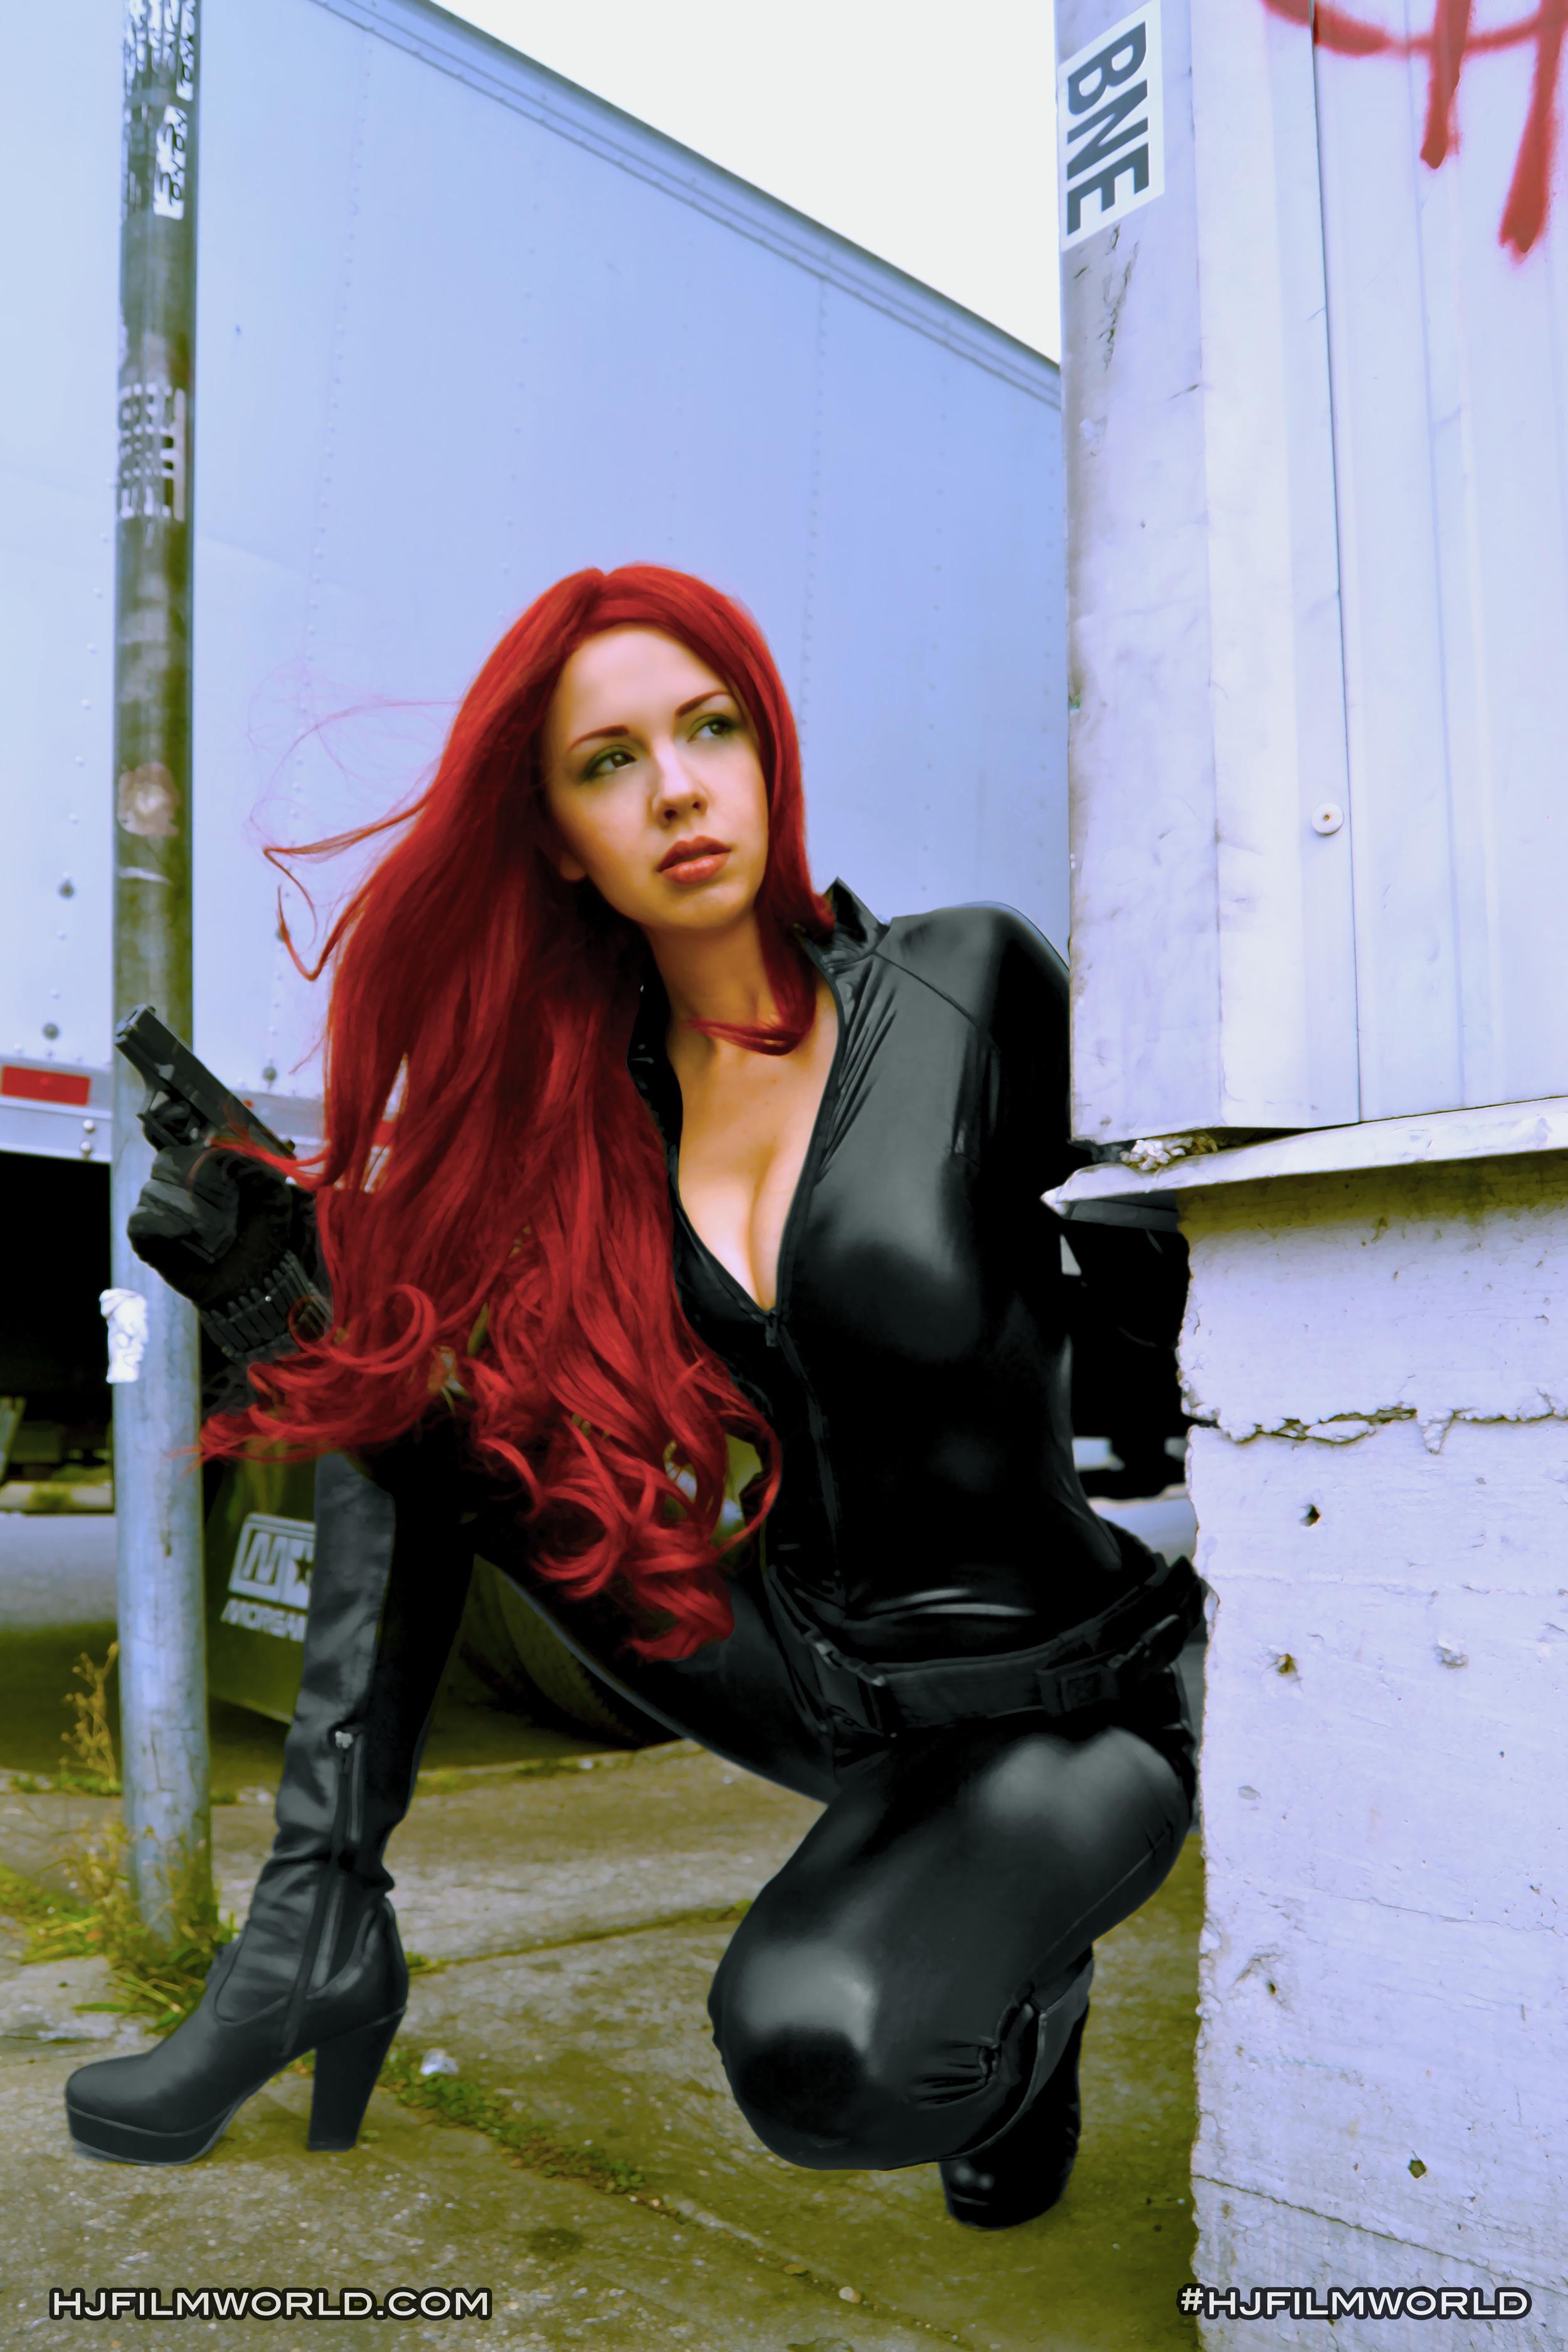 Model: Yulia Yanina